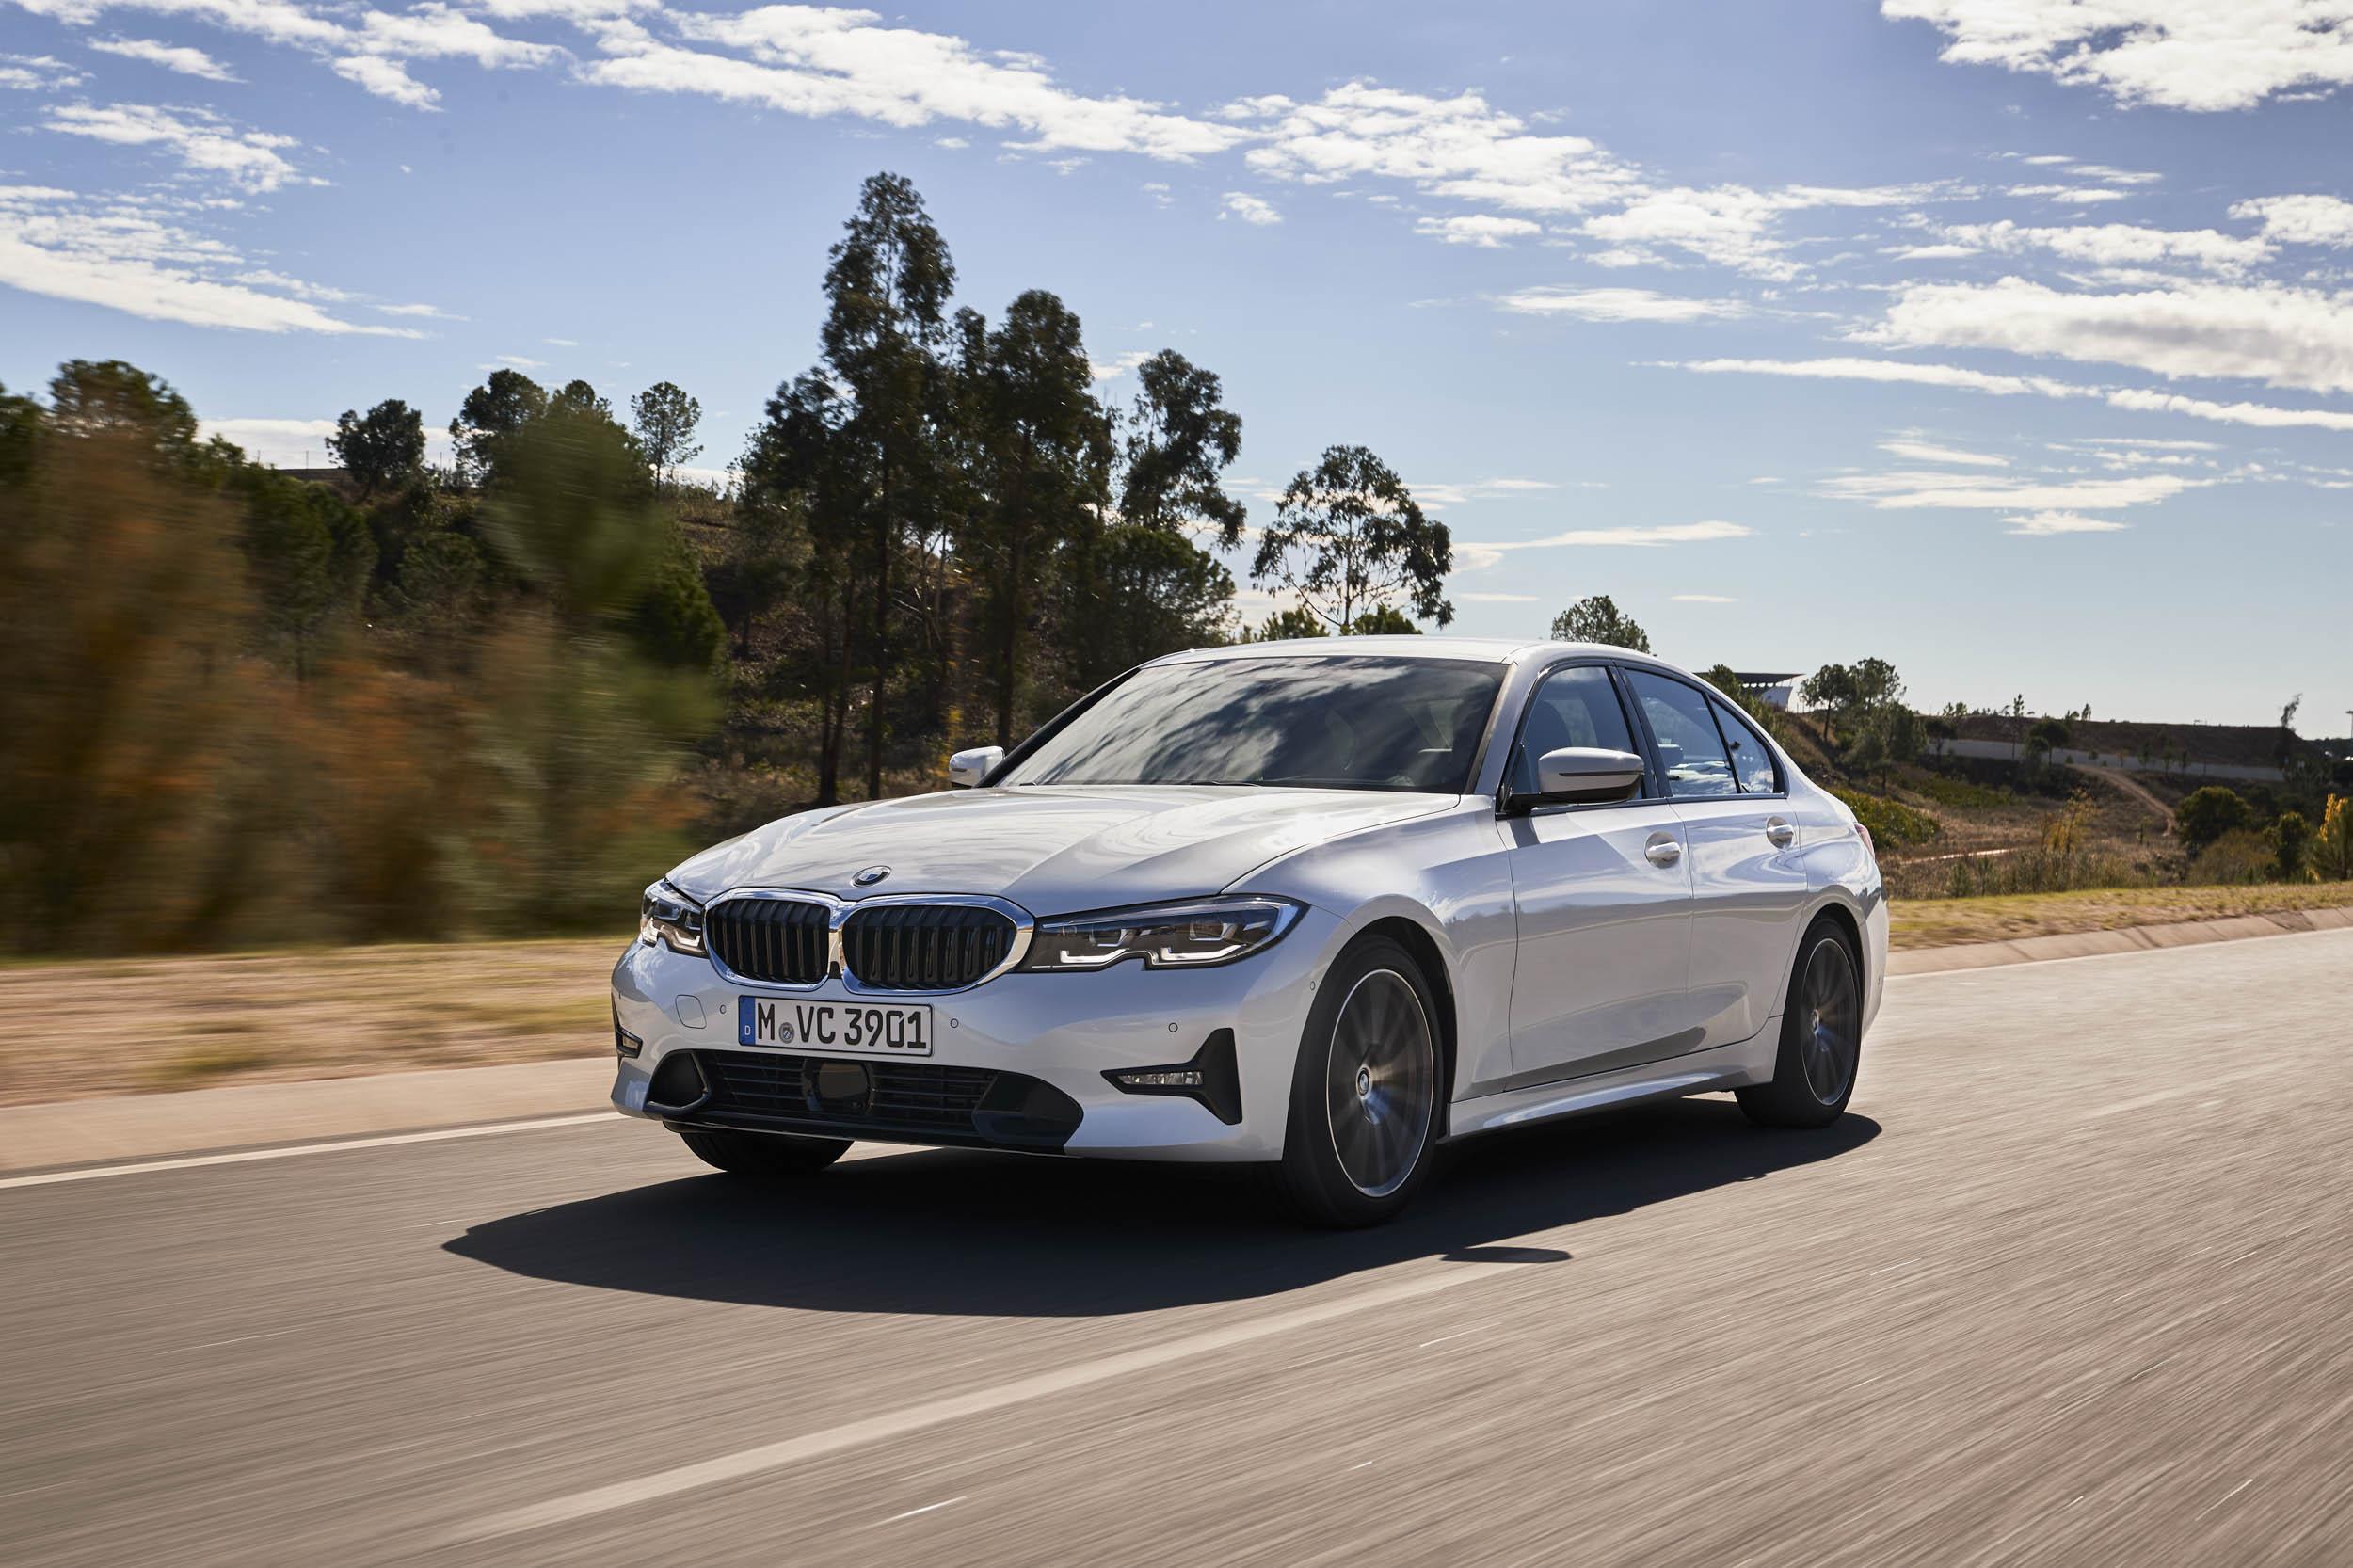 2019 BMW 320d Sport Line front 3/4